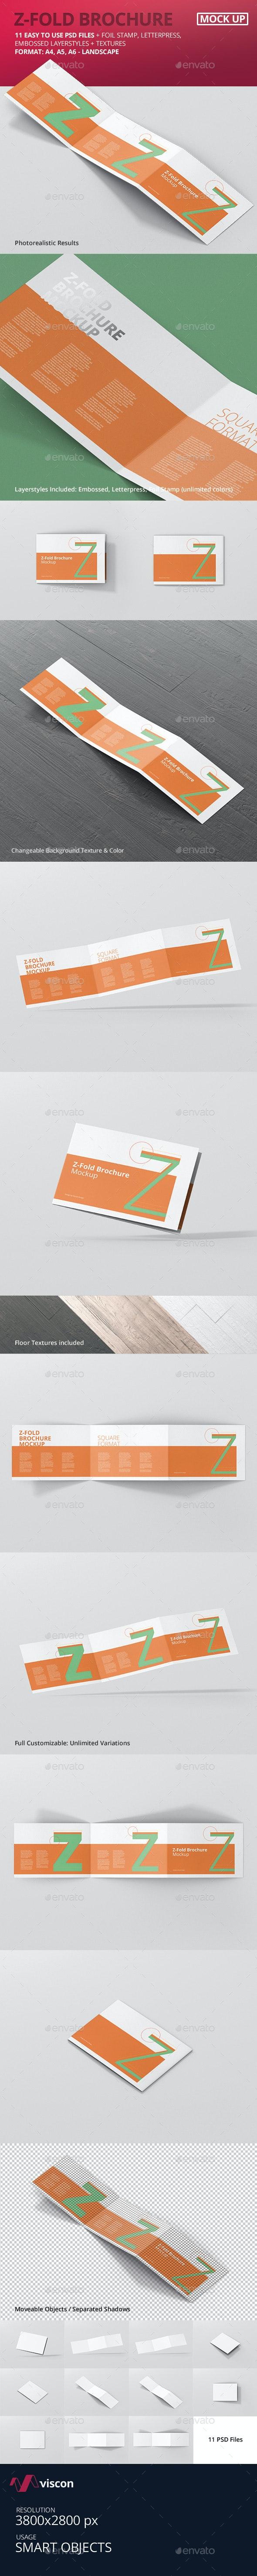 Z-Fold Brochure Mockup - Landscape Din A4 A5 A6 - Brochures Print